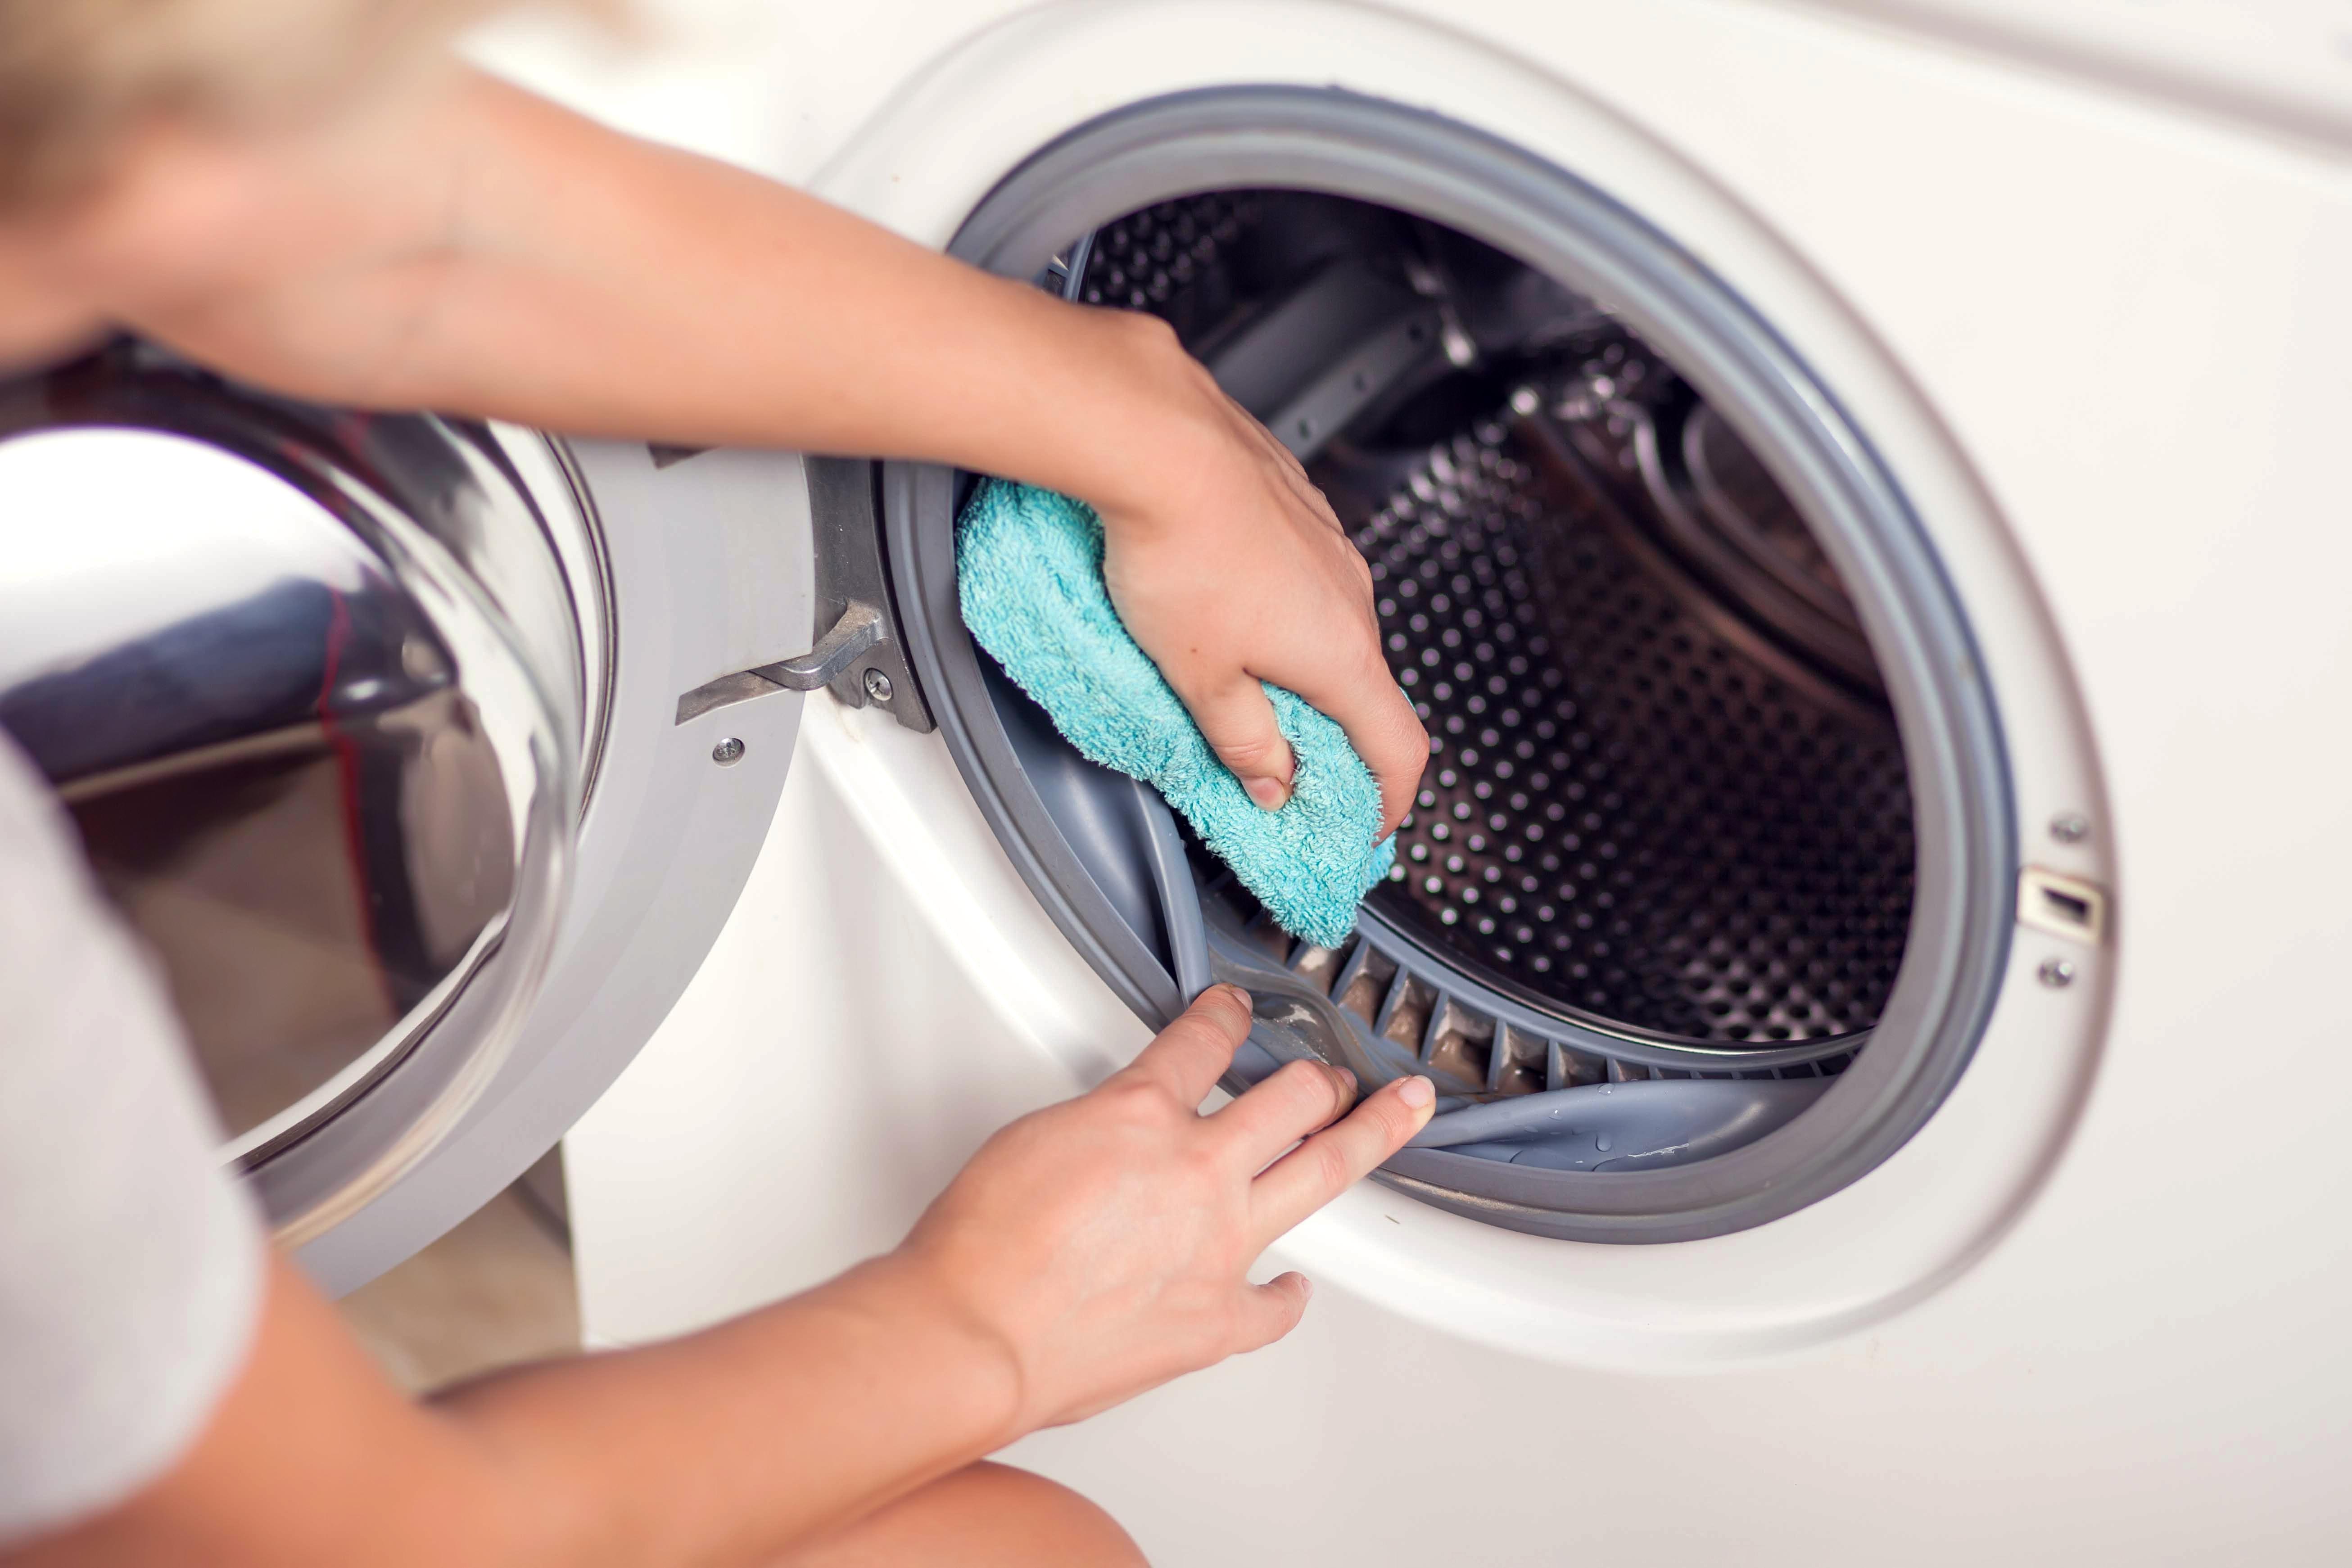 pulire e disinfettare la lavatrice